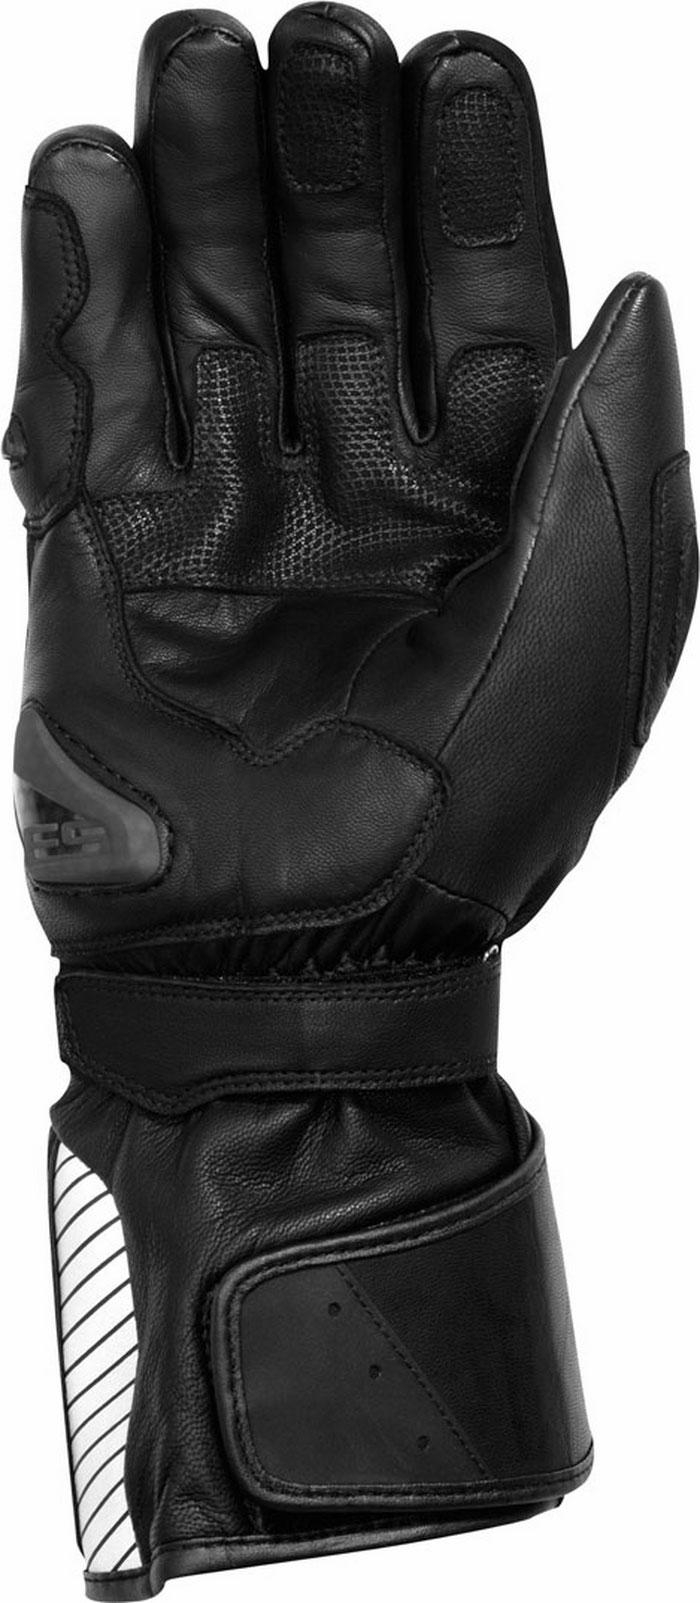 REV'IT! Alaska GTX Gloves - Col. Black